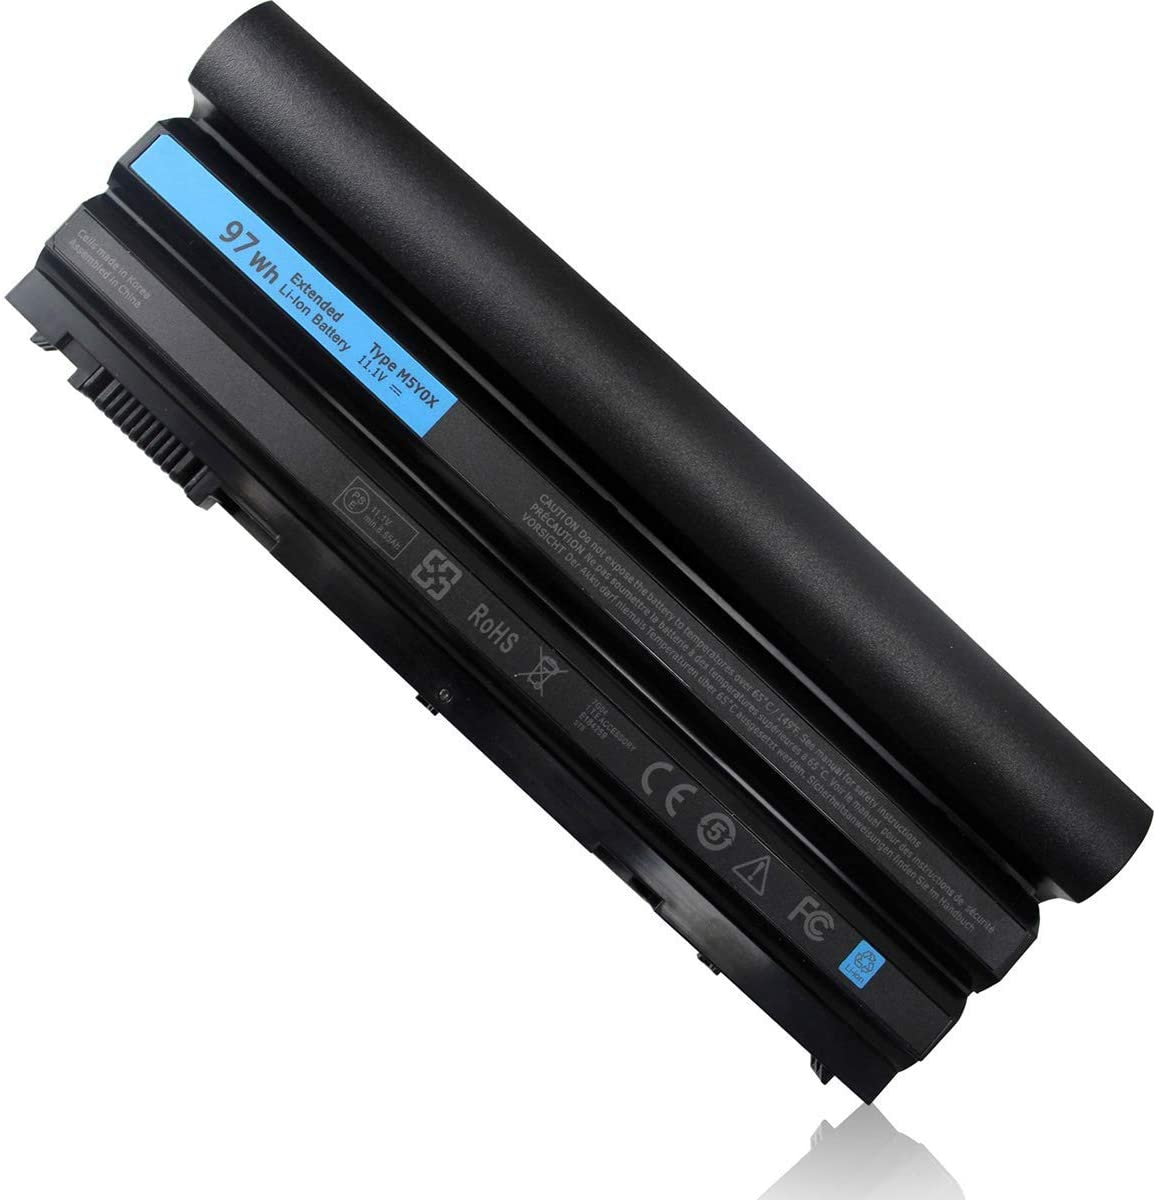 Fully New 11.1V 97WH Replacement Battery Compatible with Dell Latitude E5420 E5520 E5430 E5530 E6420 E6430 E6520 E6530 Inspiron 4420 5420 5425 7420 7520 4720 5720 Vostro 3460 3560 Laptop T54FJ M5Y0X